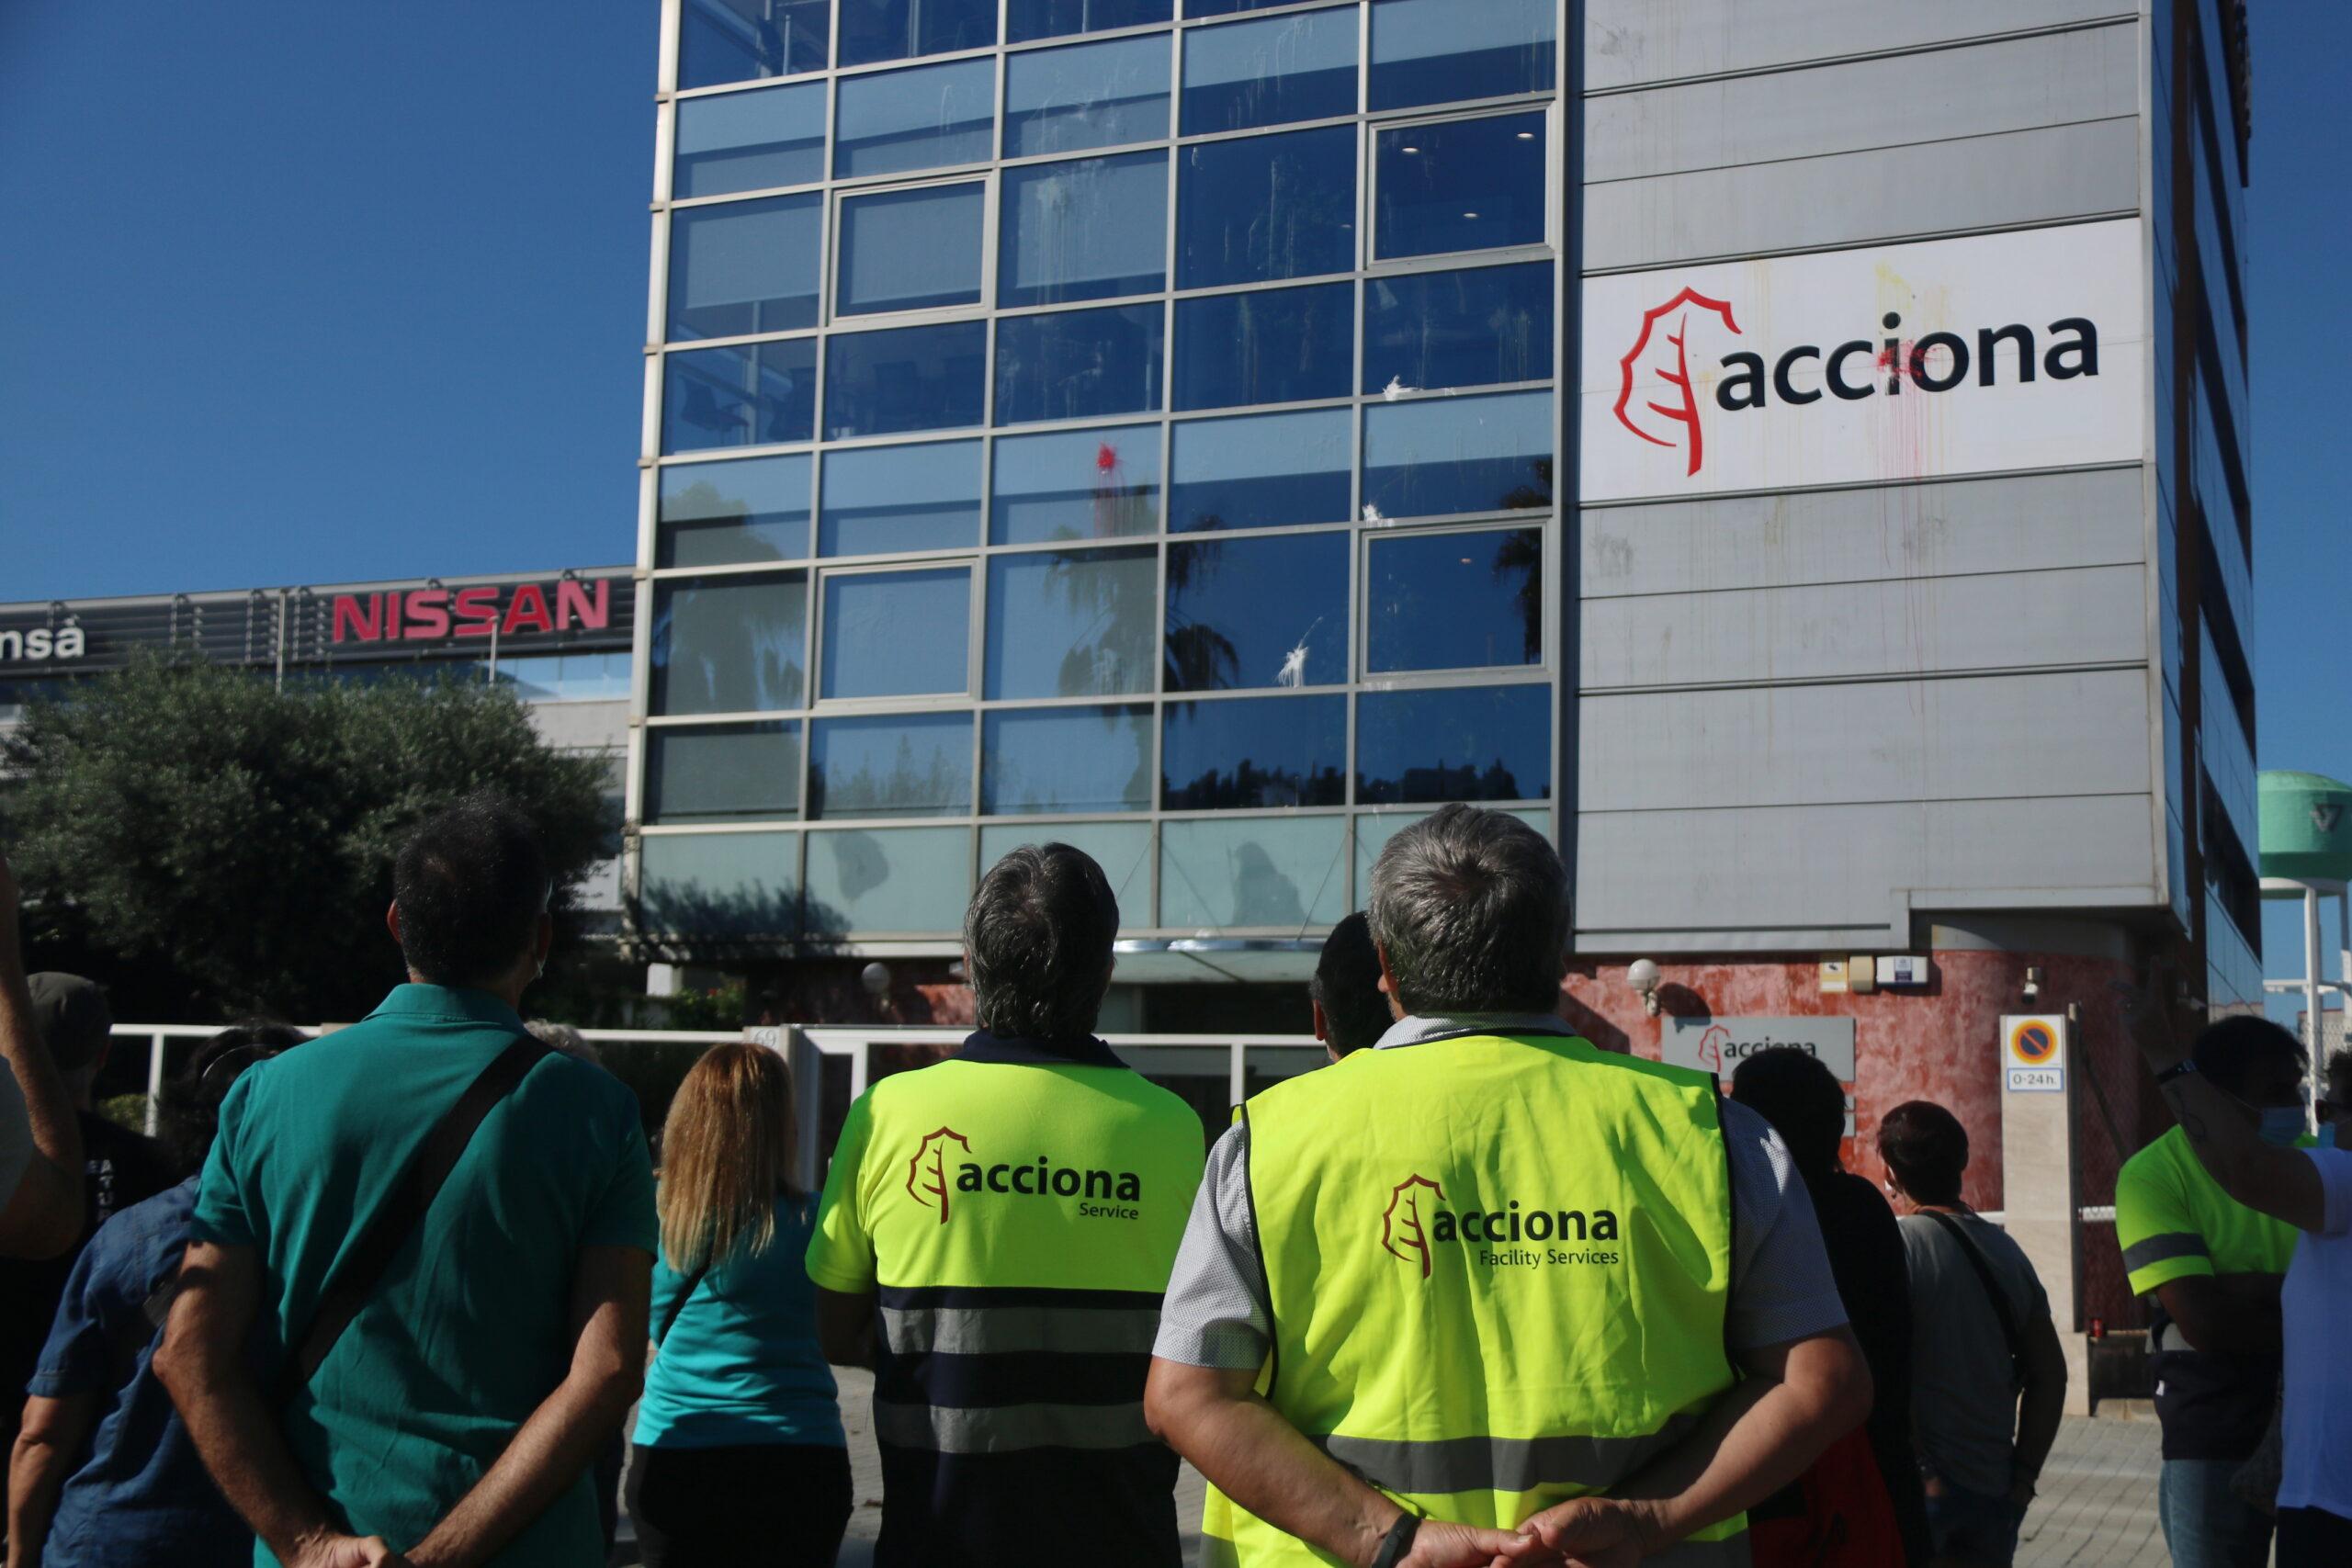 Diversos treballadors d'Acciona concentrats davant la seu que té l'empresa al Passeig de la Zona Franca de Barcelona (ACN)